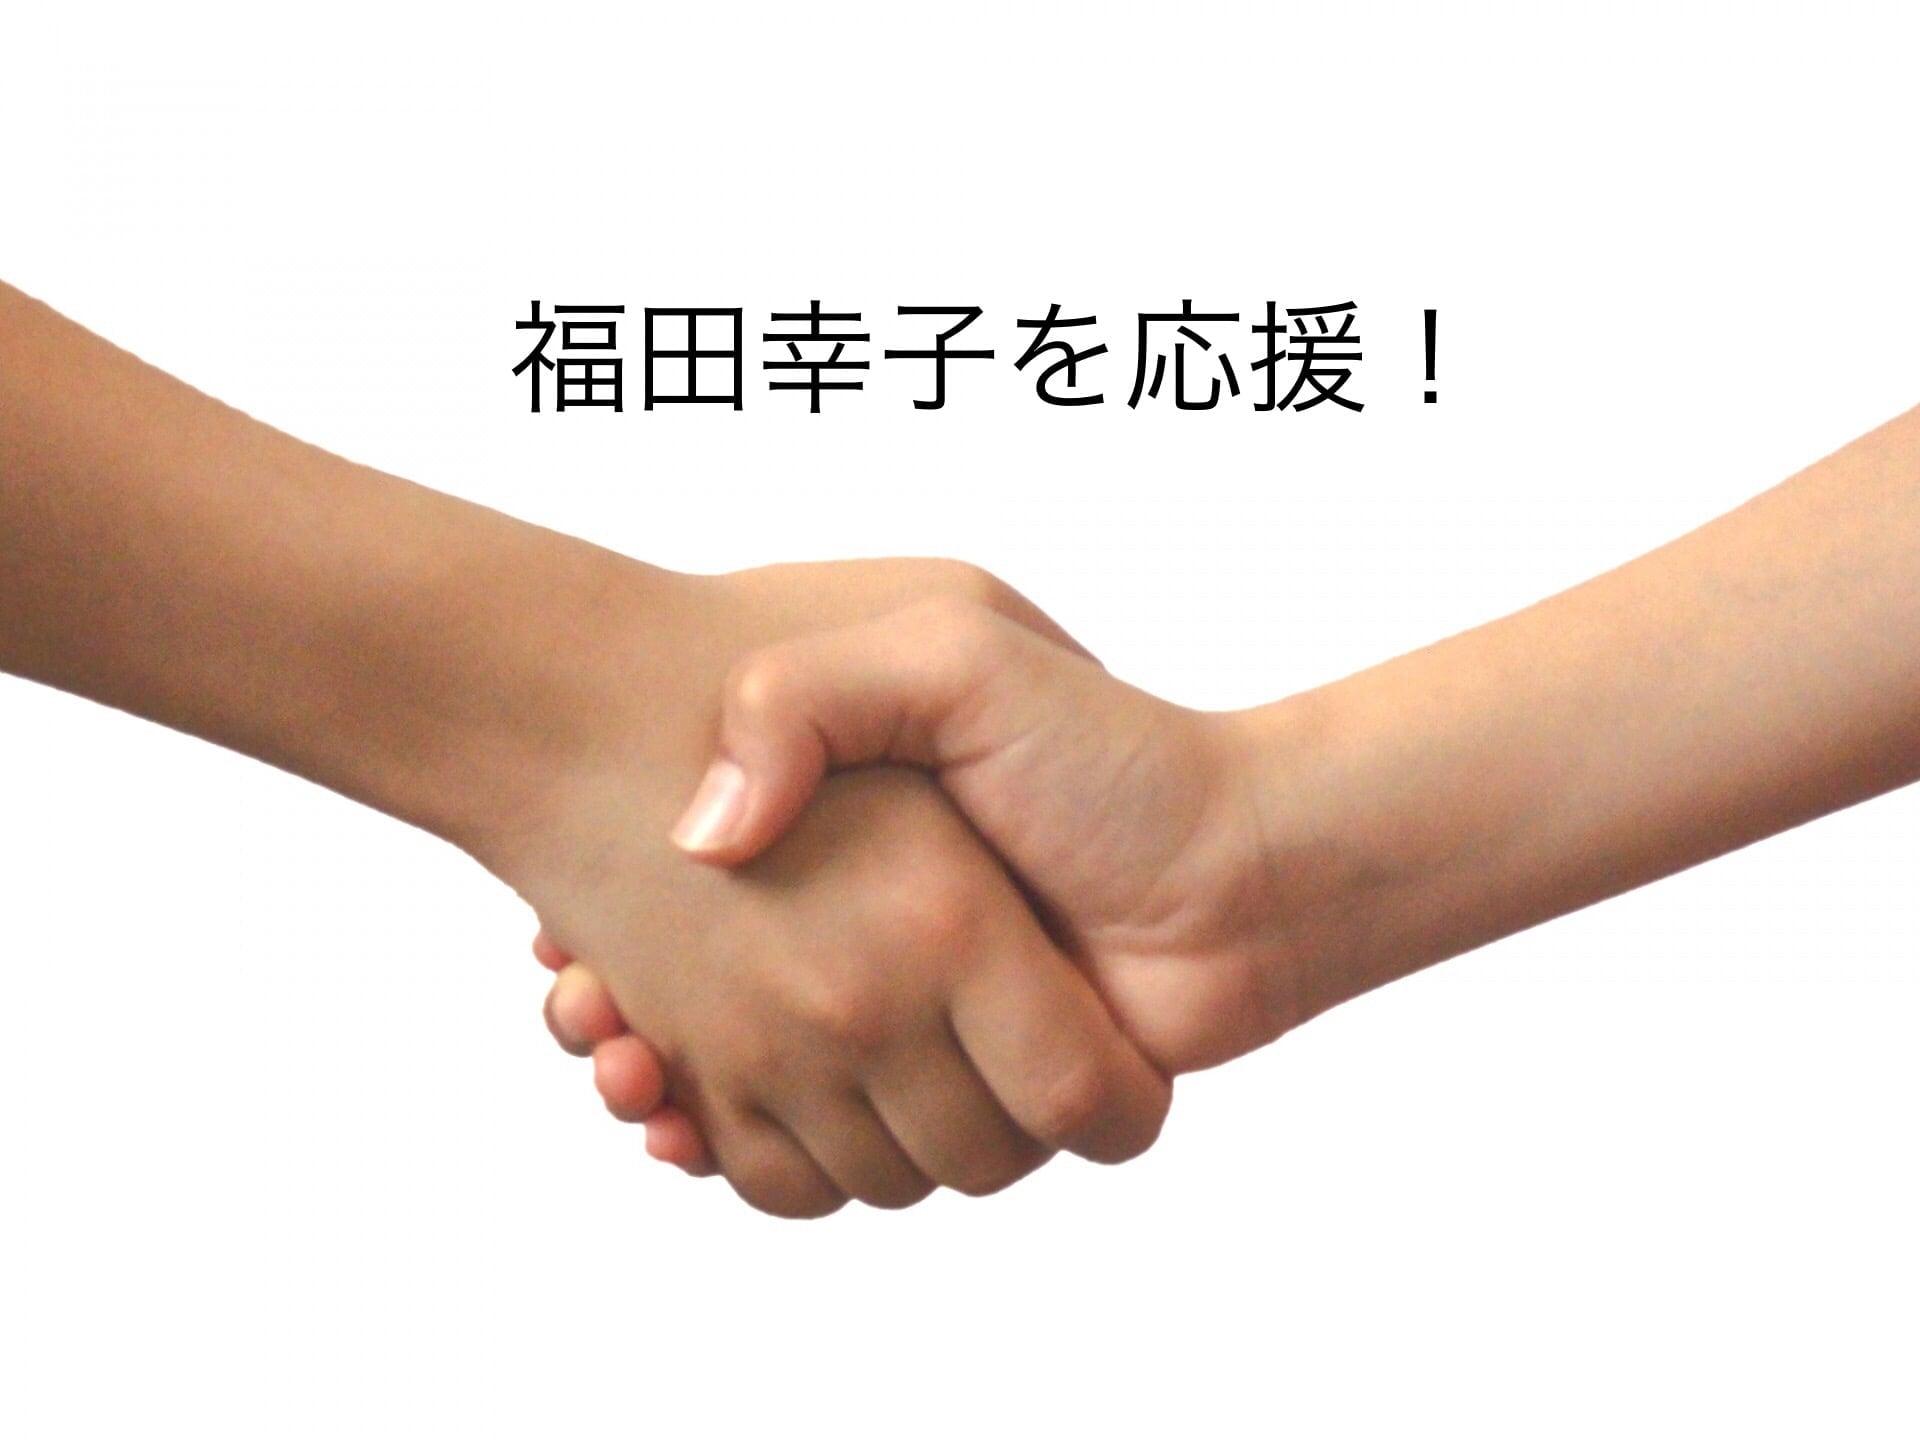 ワンコイン福田幸子主催公演応援チケットのイメージその1